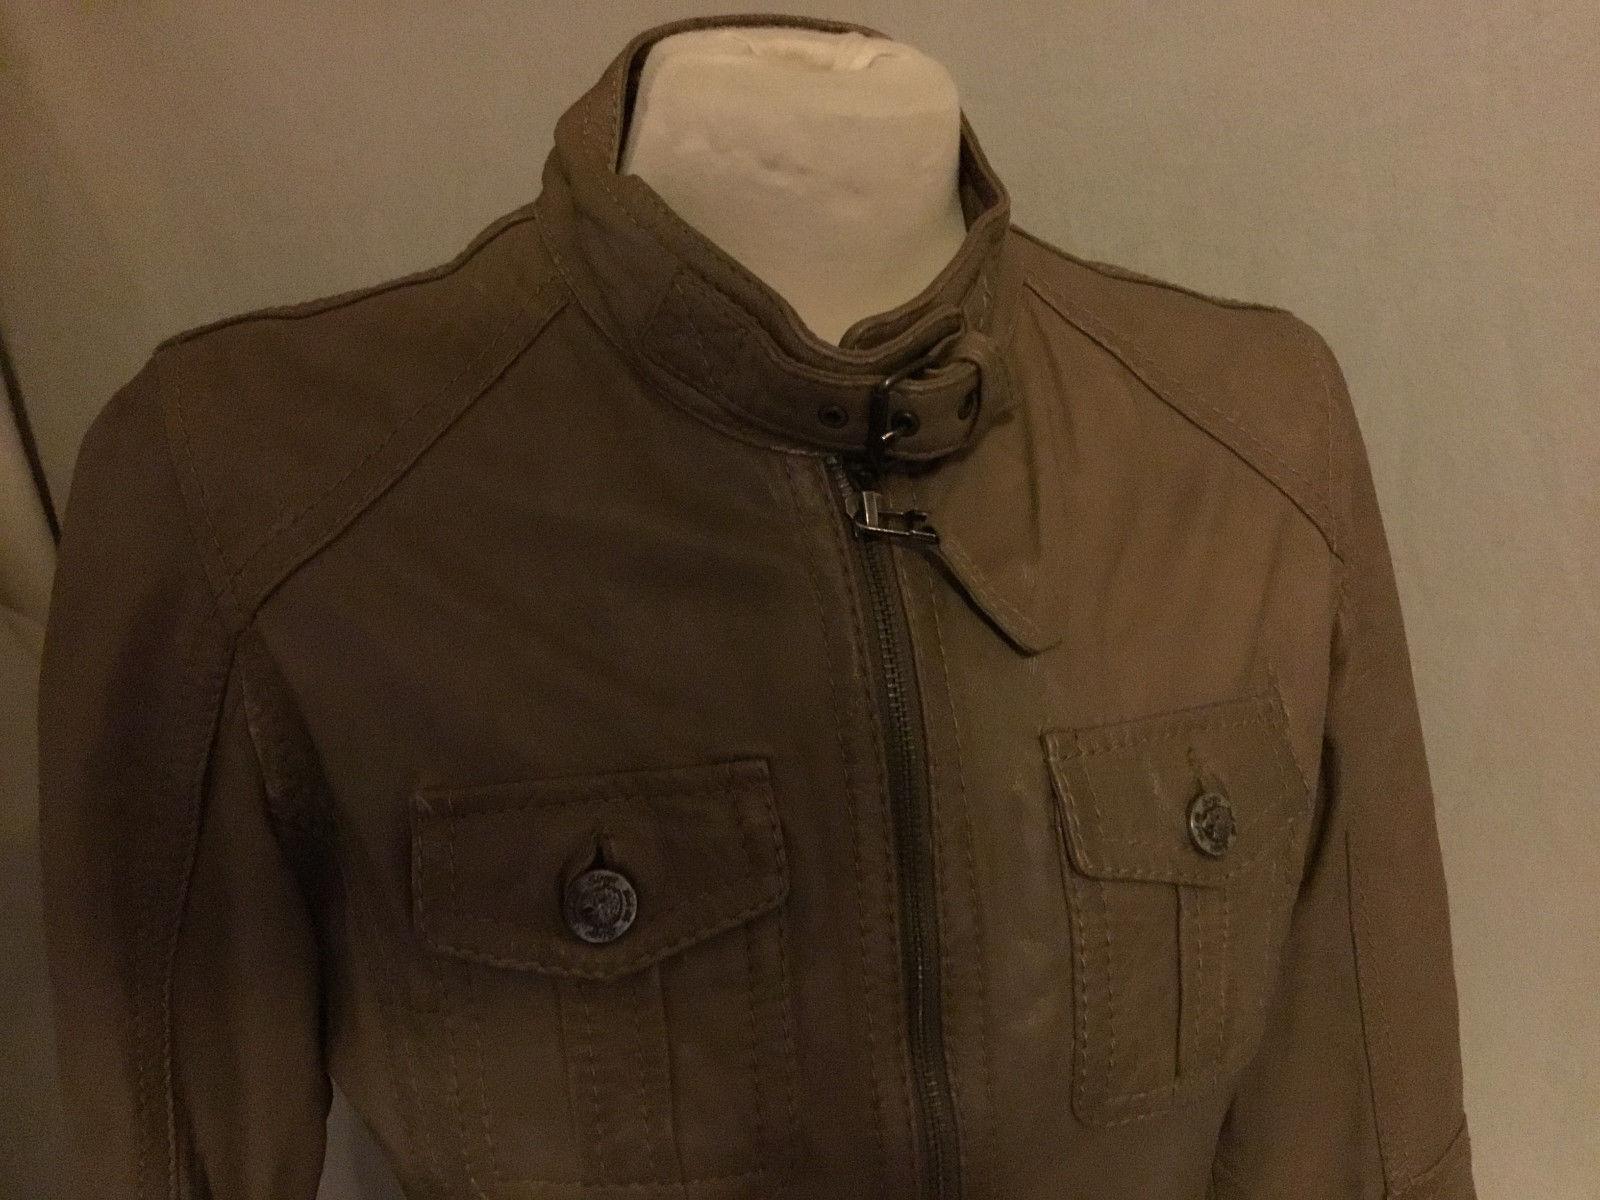 Magnifique veste blouson cuir oakwood taille s en très bon état.